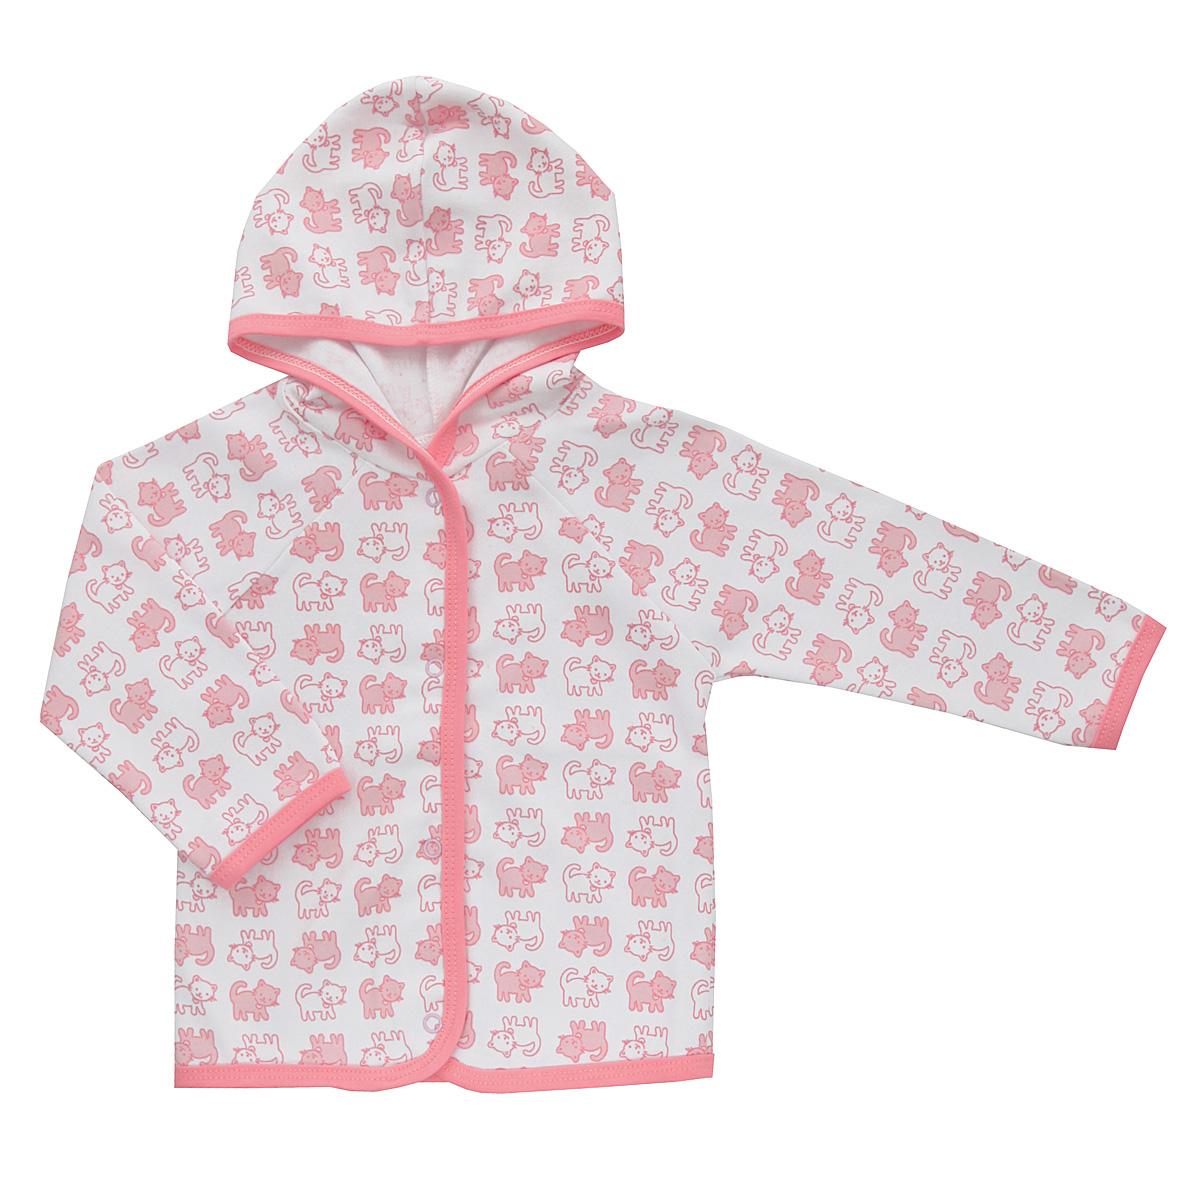 Кофточка Трон-плюс, цвет: белый, розовый. 5162_котенок. Размер 80, 12 месяцев5162_котенокУдобная детская кофточка Трон-плюс послужит идеальным дополнением к гардеробу вашего ребенка, обеспечивая ему наибольший комфорт. Изготовленная из интерлока - натурального хлопка, она необычайно мягкая и легкая, не раздражает нежную кожу ребенка и хорошо вентилируется, а эластичные швы приятны телу ребенка и не препятствуют его движениям. Кофточка с капюшоном и длинными рукавами-реглан застегивается спереди на удобные застежки-кнопки, что помогает с легкостью переодеть ребенка. Окантовка капюшона, низ рукавов, планка и низ модели дополнены контрастной трикотажной бейкой. Оформлено изделие ненавязчивым принтом с изображениями котенка. Кофточка полностью соответствует особенностям жизни ребенка в ранний период, не стесняя и не ограничивая его в движениях.